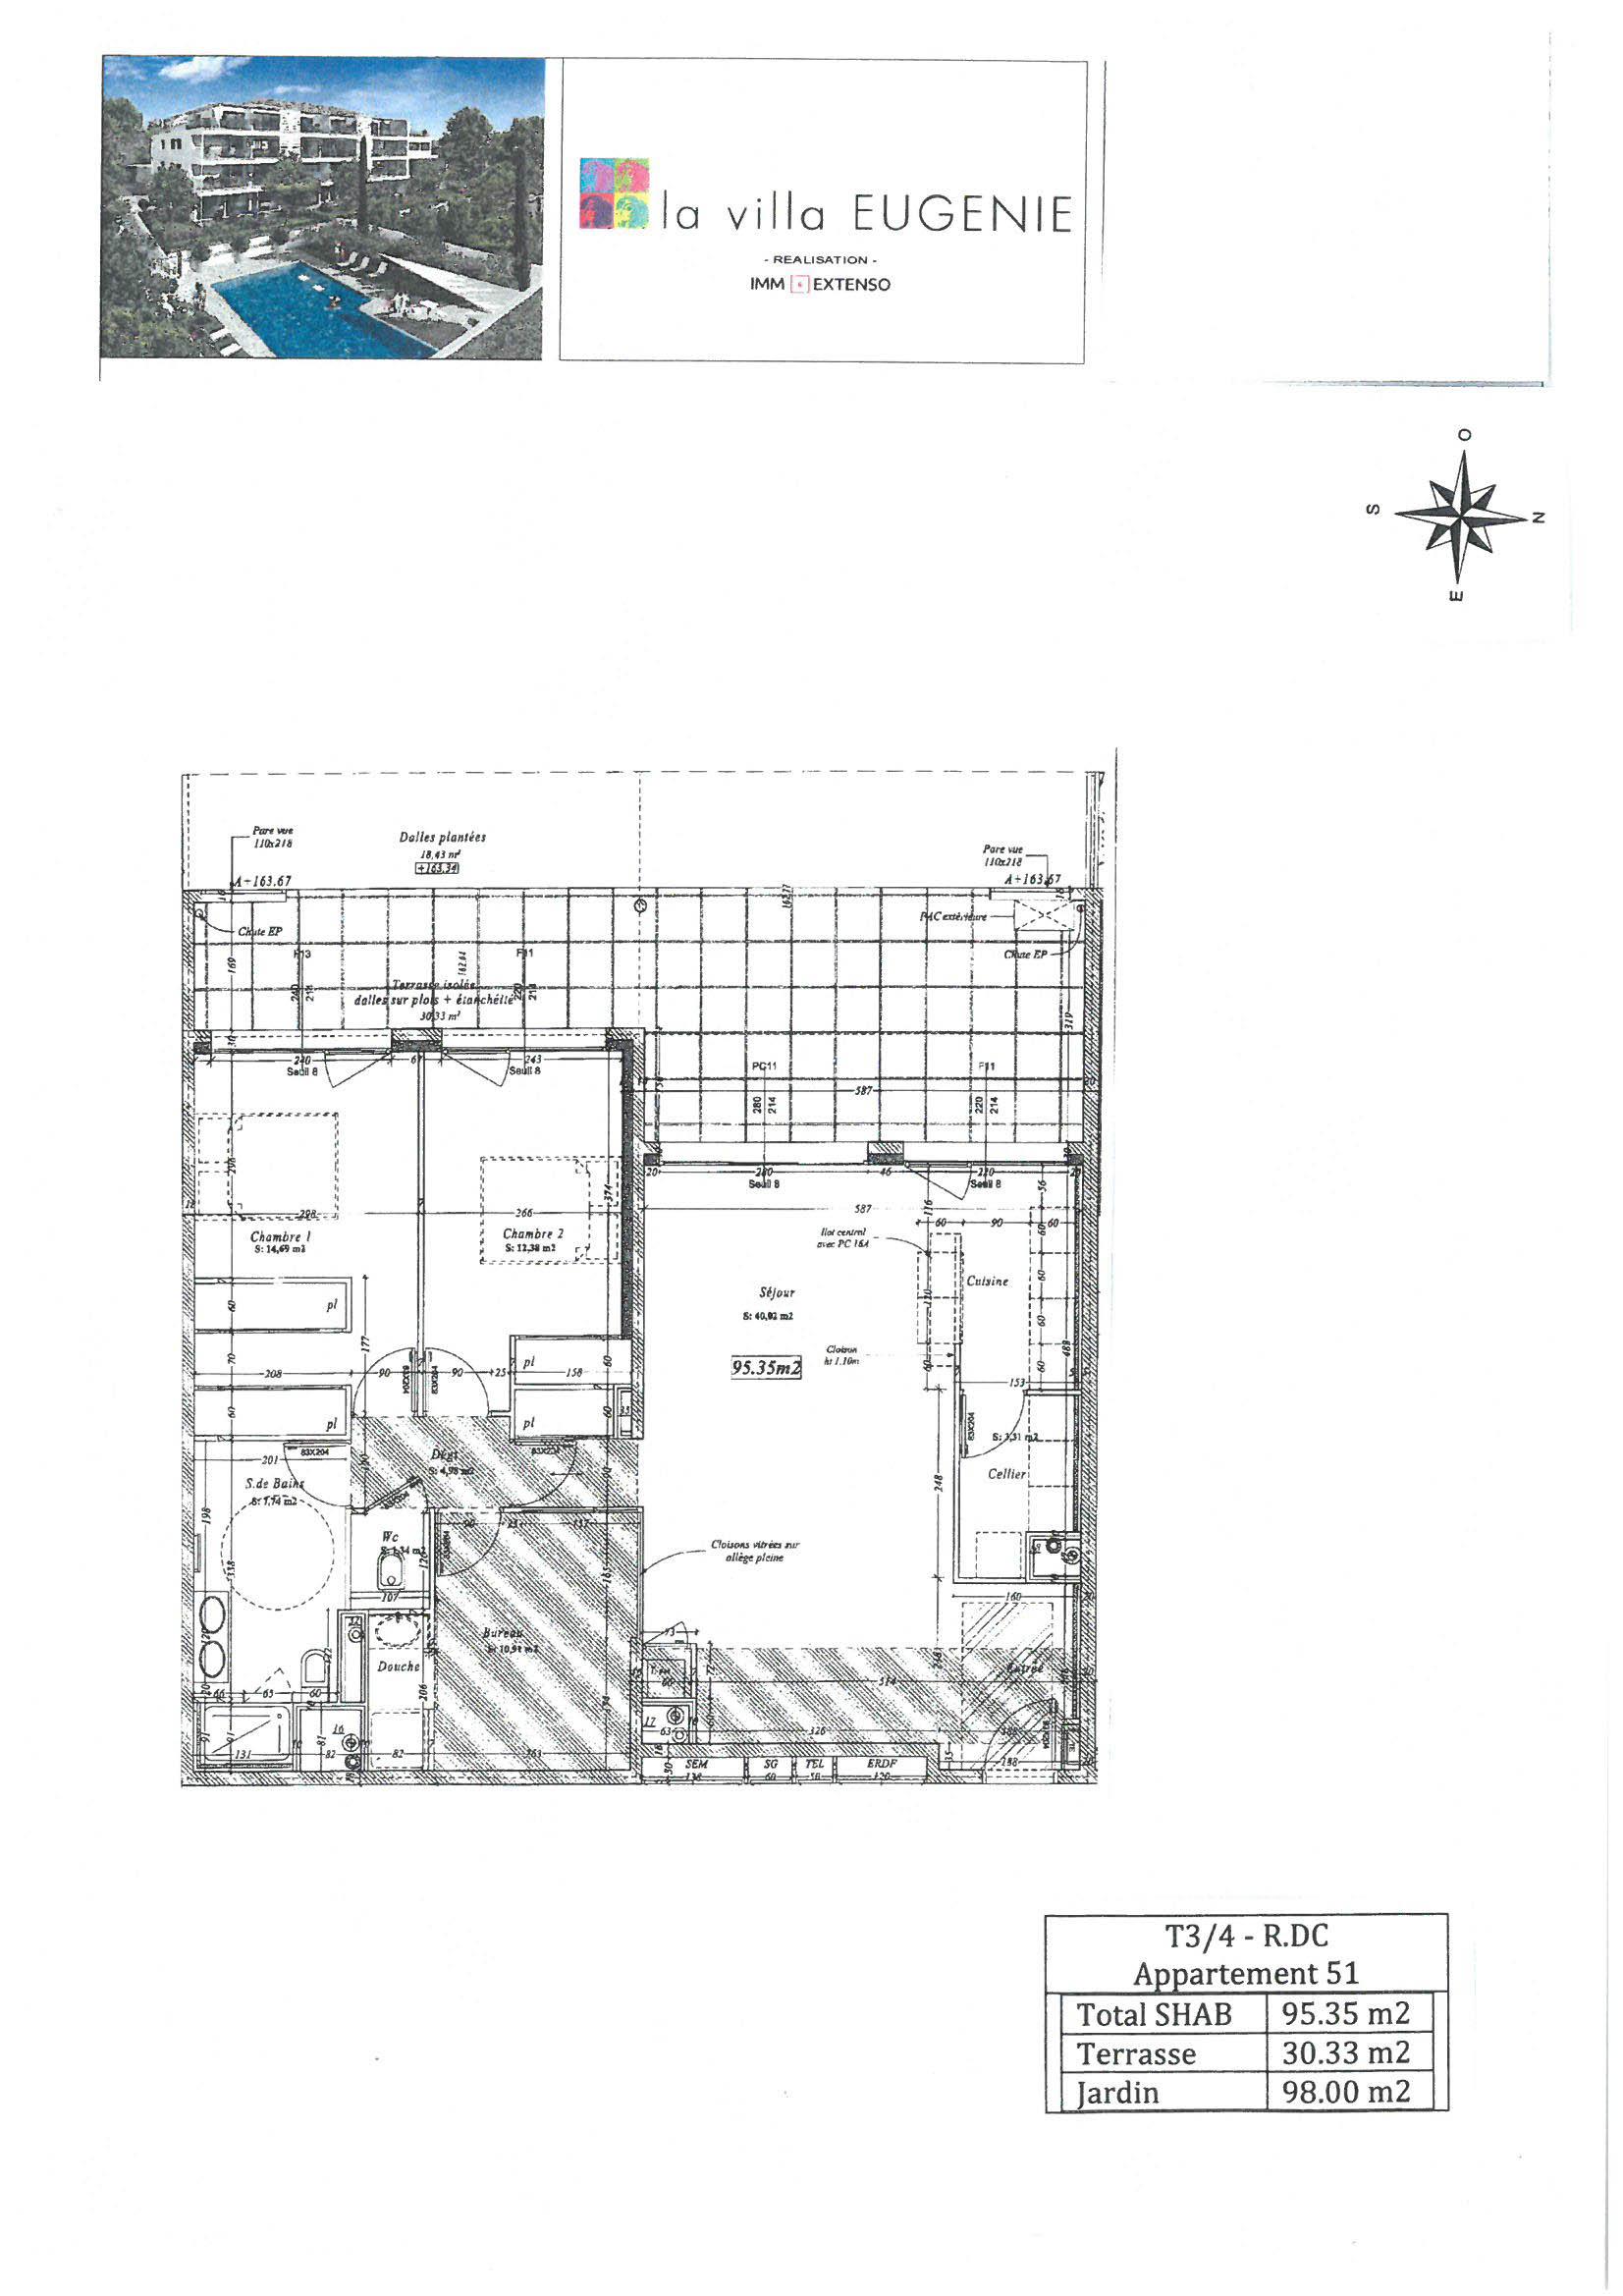 appartement 51 de type T4